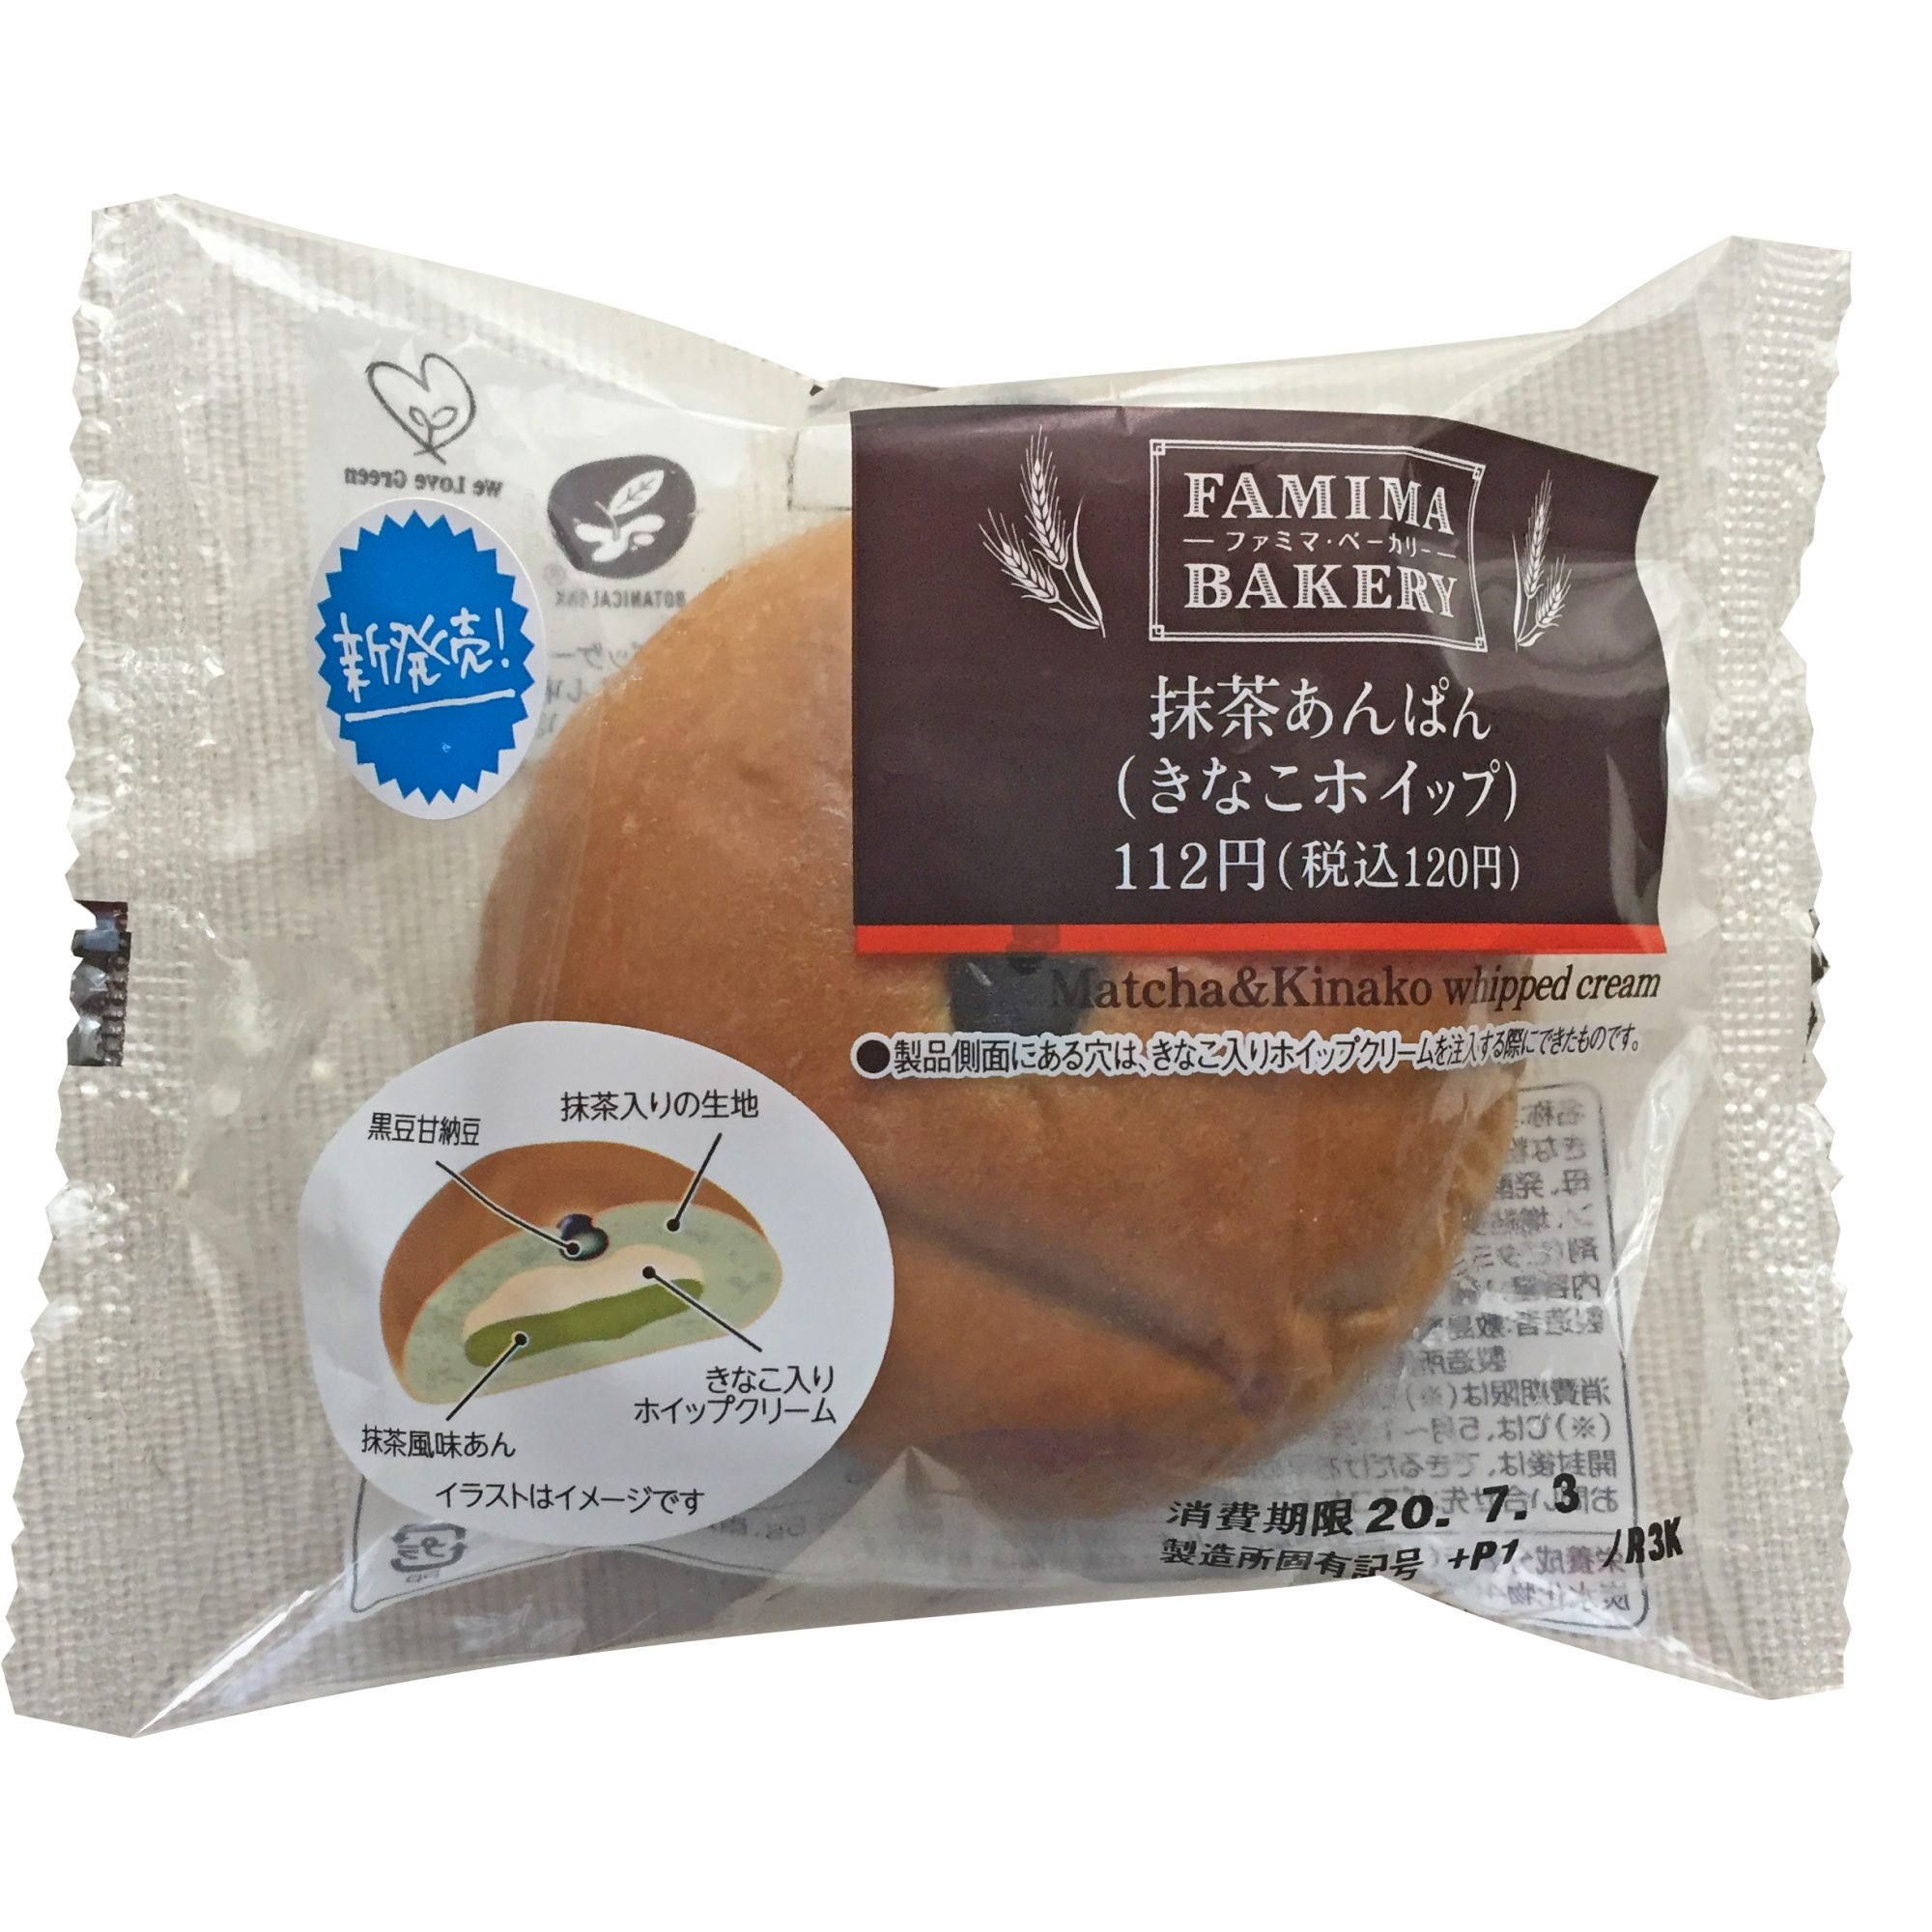 ファミリーマート『抹茶あんぱん(きなこホイップ)』は上品な甘さの抹茶餡ととろとろきなこホイップのバランスが絶妙な和菓子系菓子パン